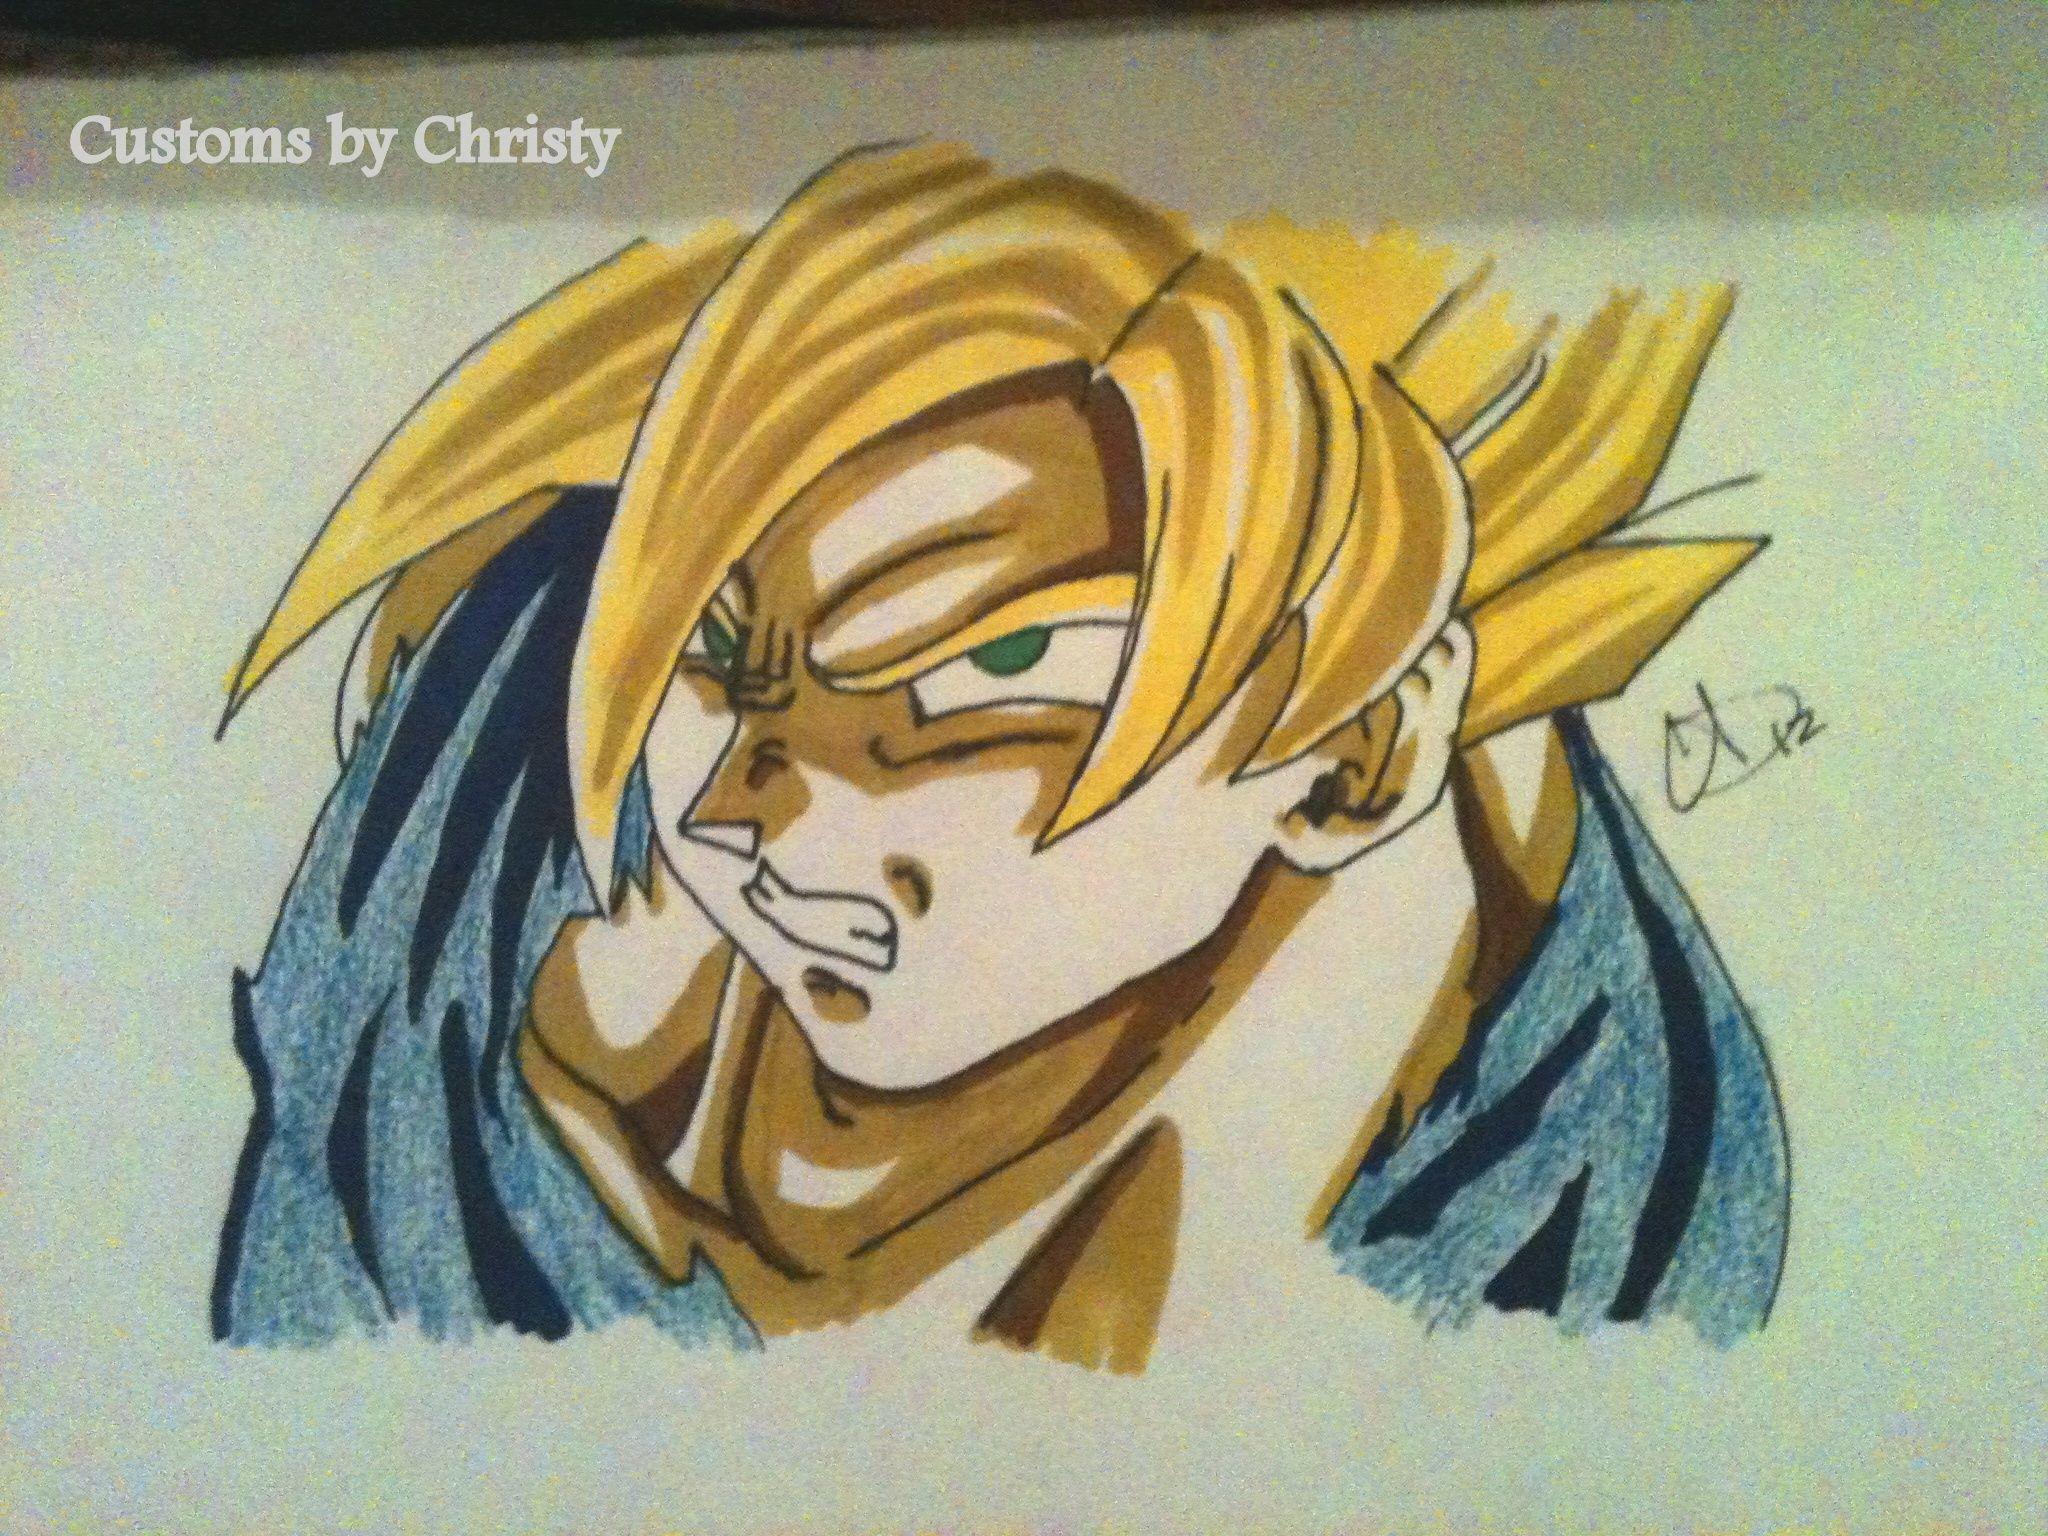 Dragon Ball Z art by Christy | dragon ball z nails & nail art design ...